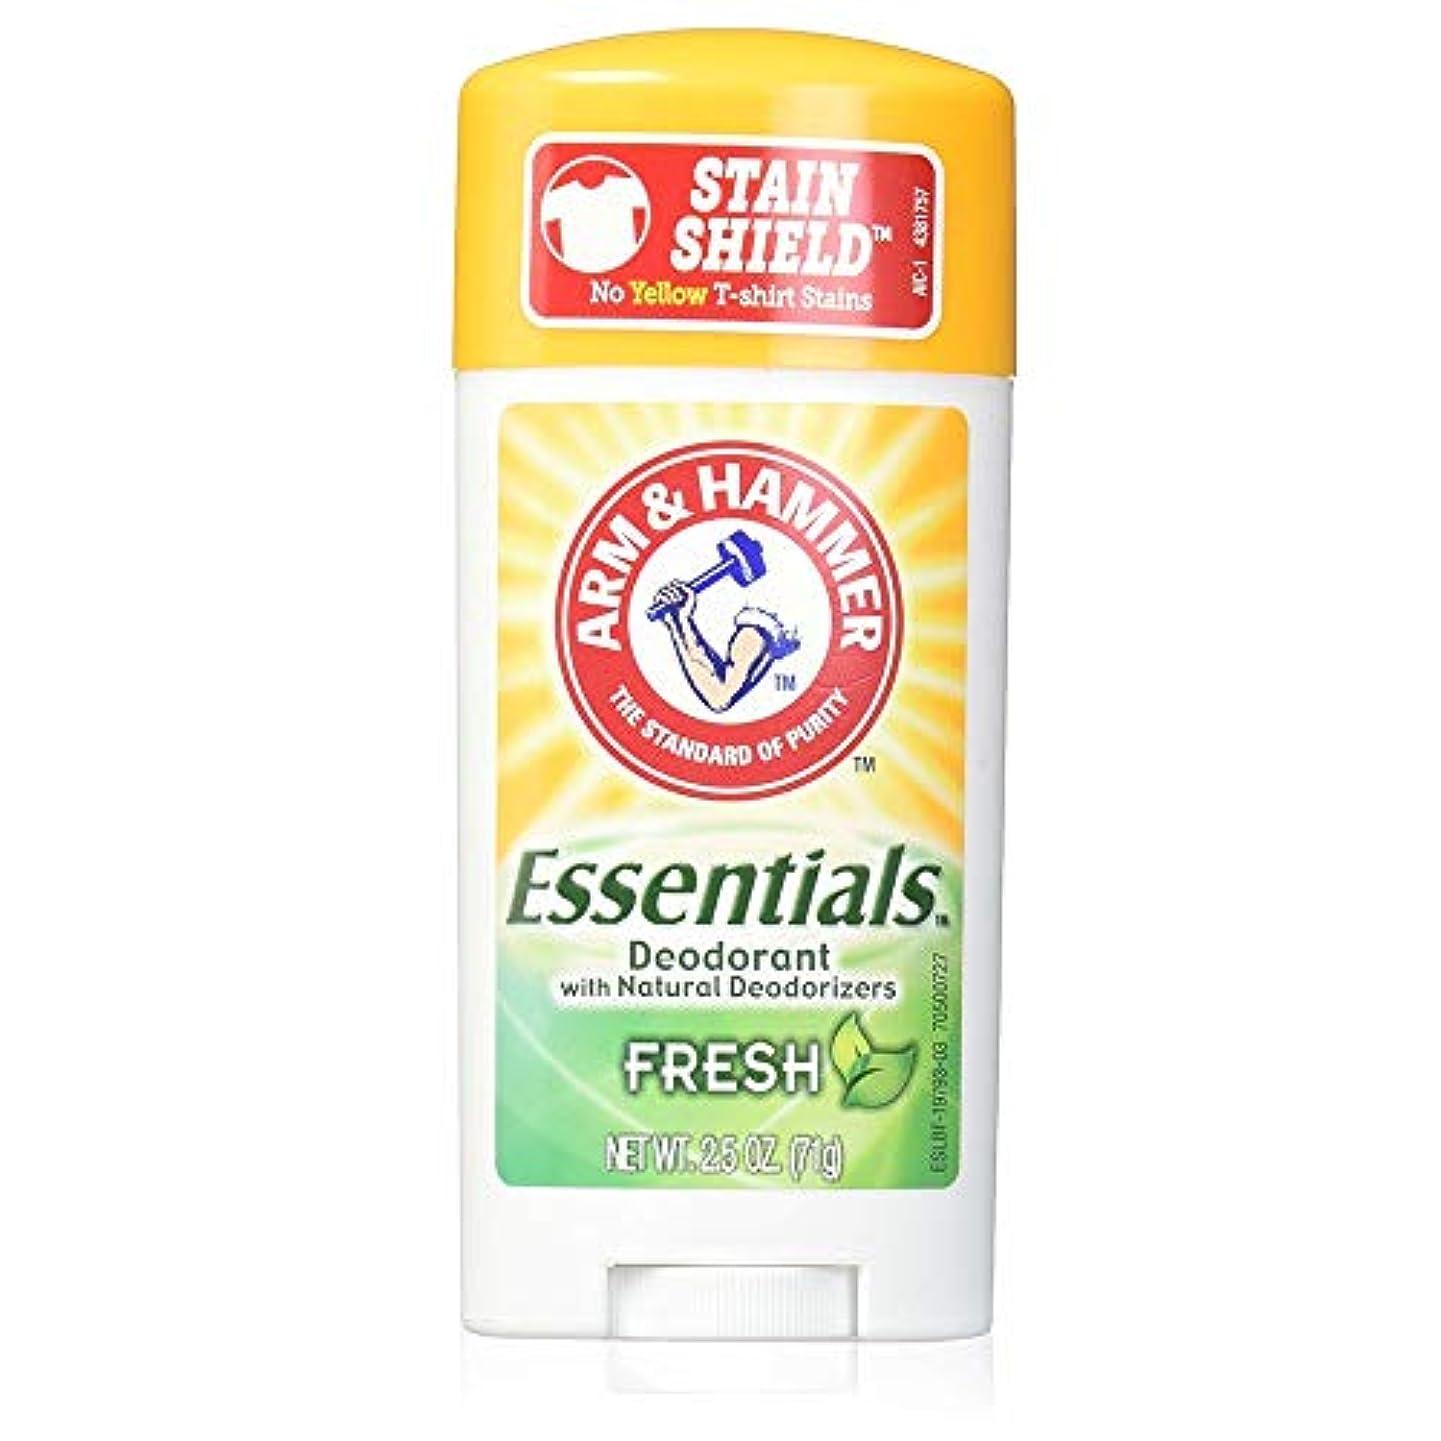 深く食料品店ソーセージアーム&ハマー デオドラント【フレッシュ】制汗剤【お風呂上がりの香り】Arm & Hammer Essentials Natural Deodorant Fresh 71?[並行輸入品]